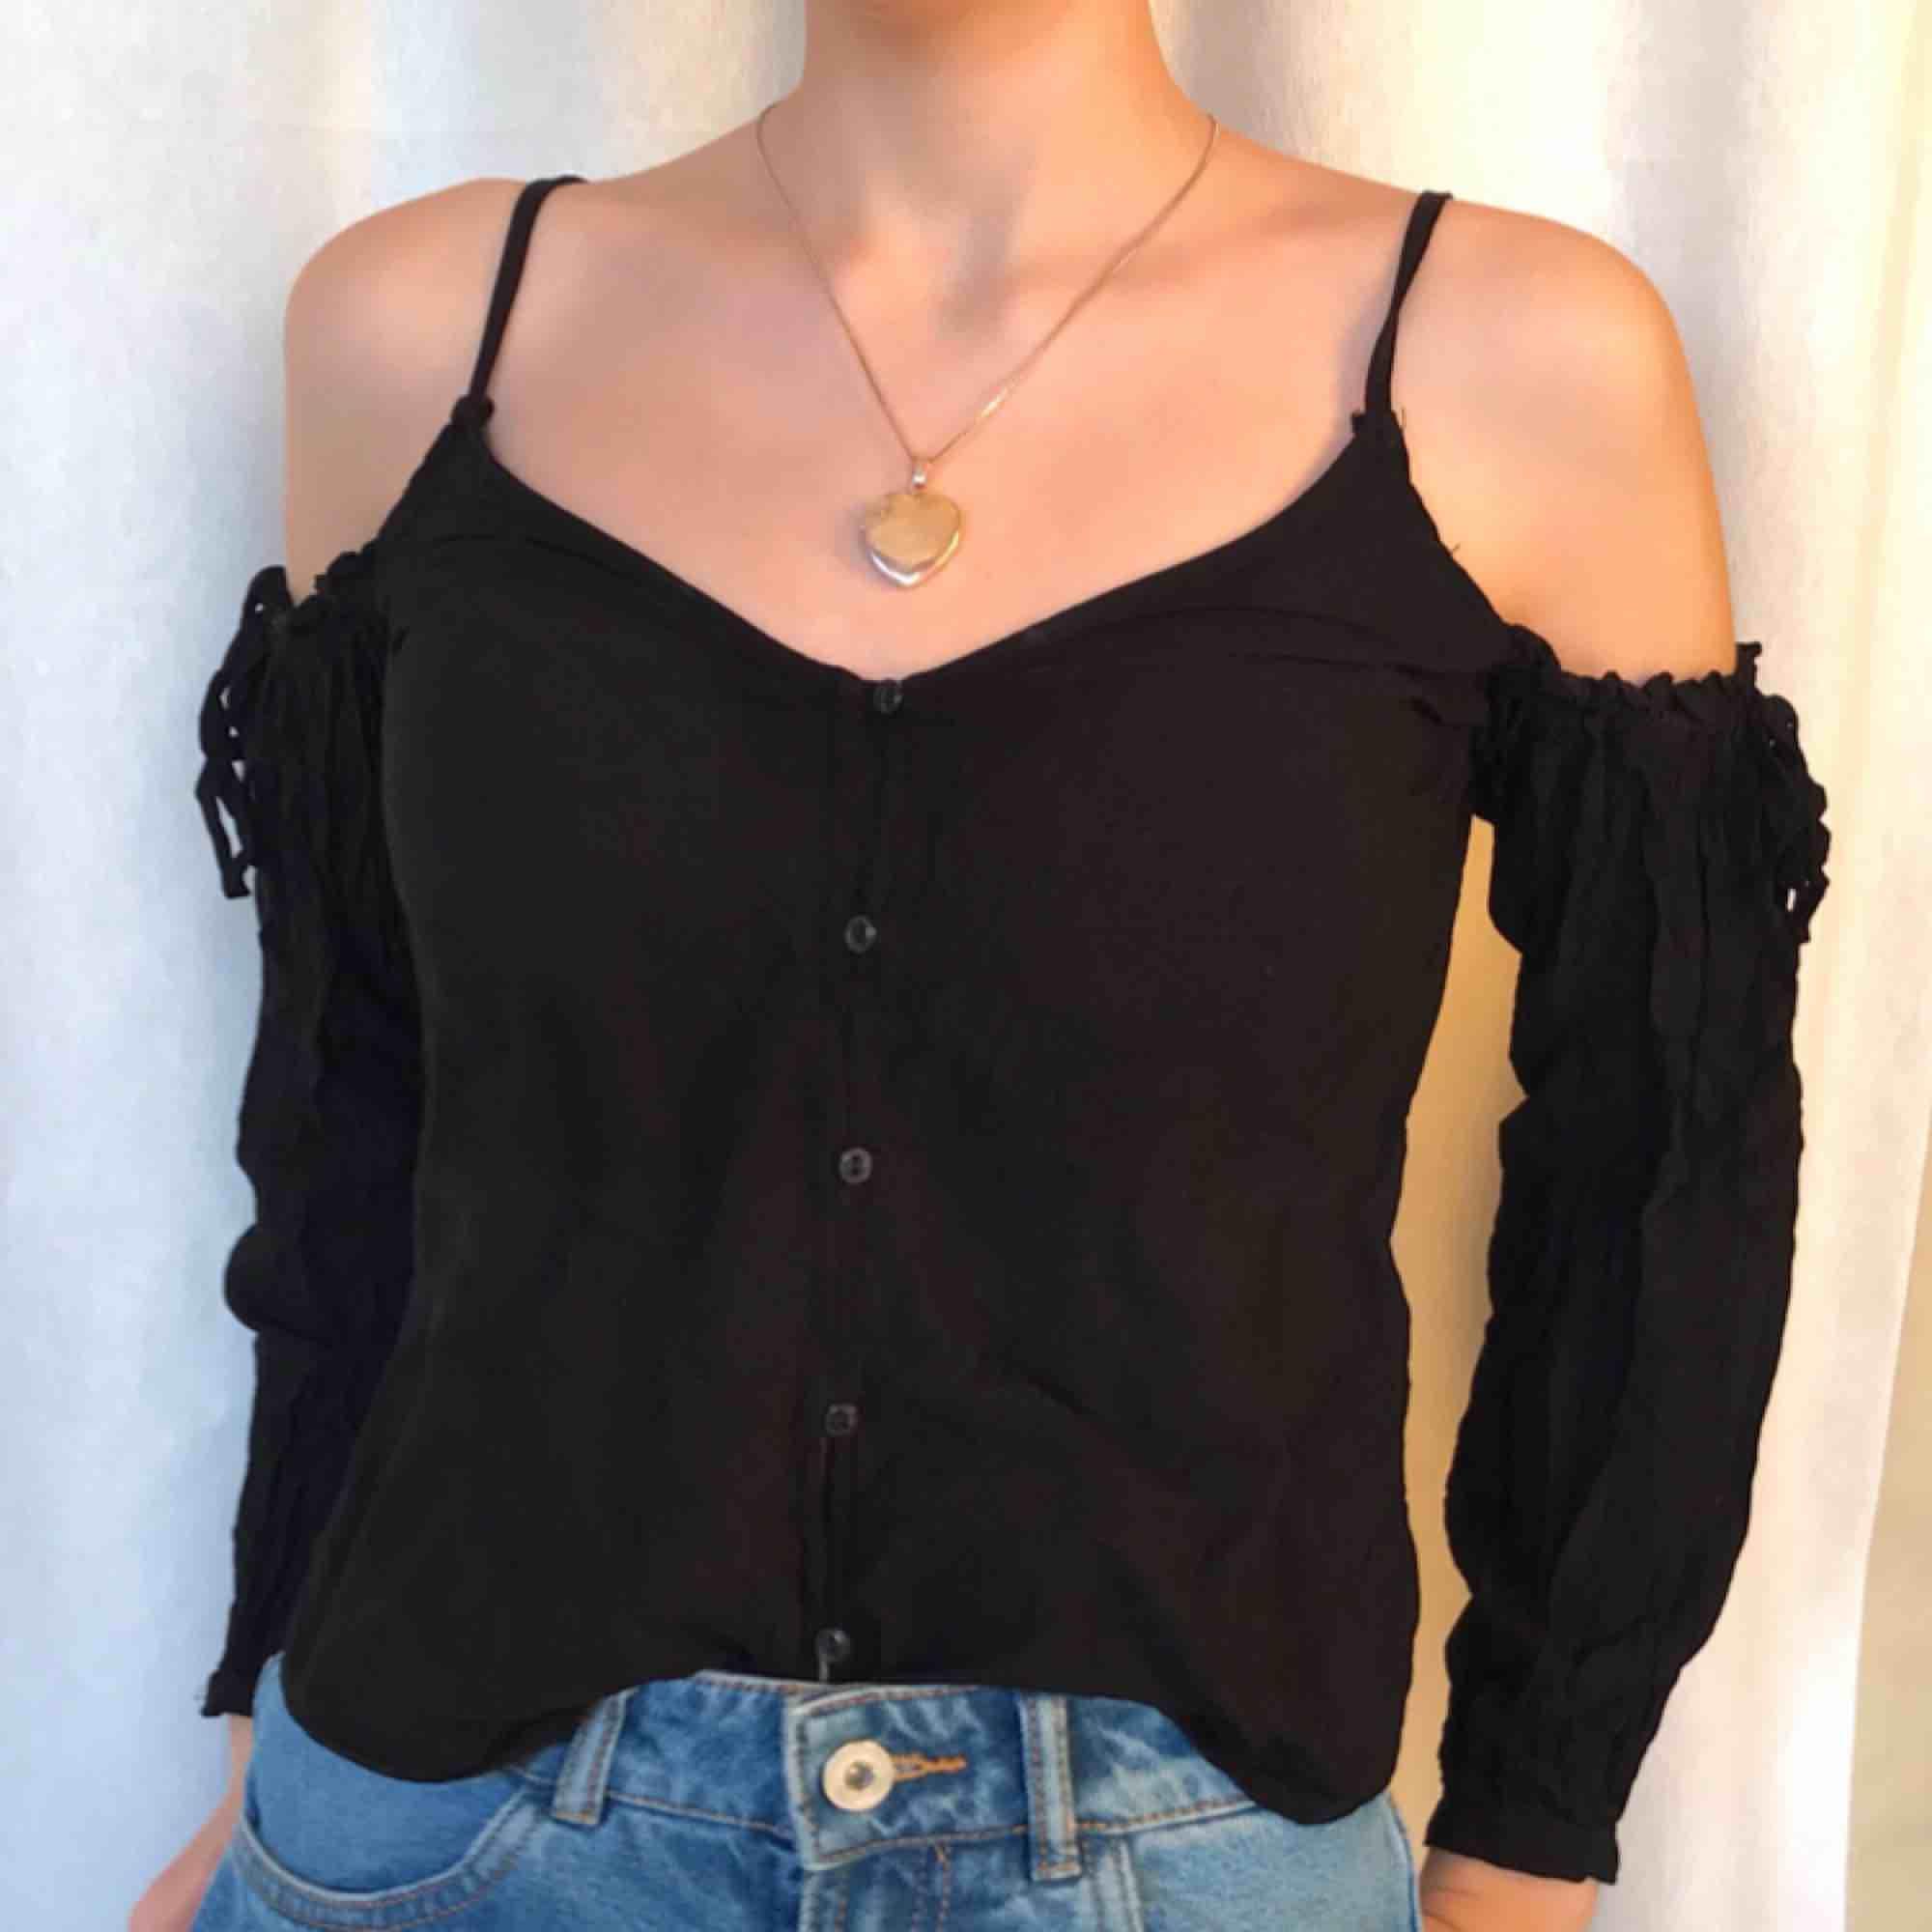 Fin blus från H&M. Off-shoulder modell typ, men med smala axelband. Såå fin men börjar tyvärr bli liten på mig. Pris kan diskuteras vid snabb affär.. Toppar.